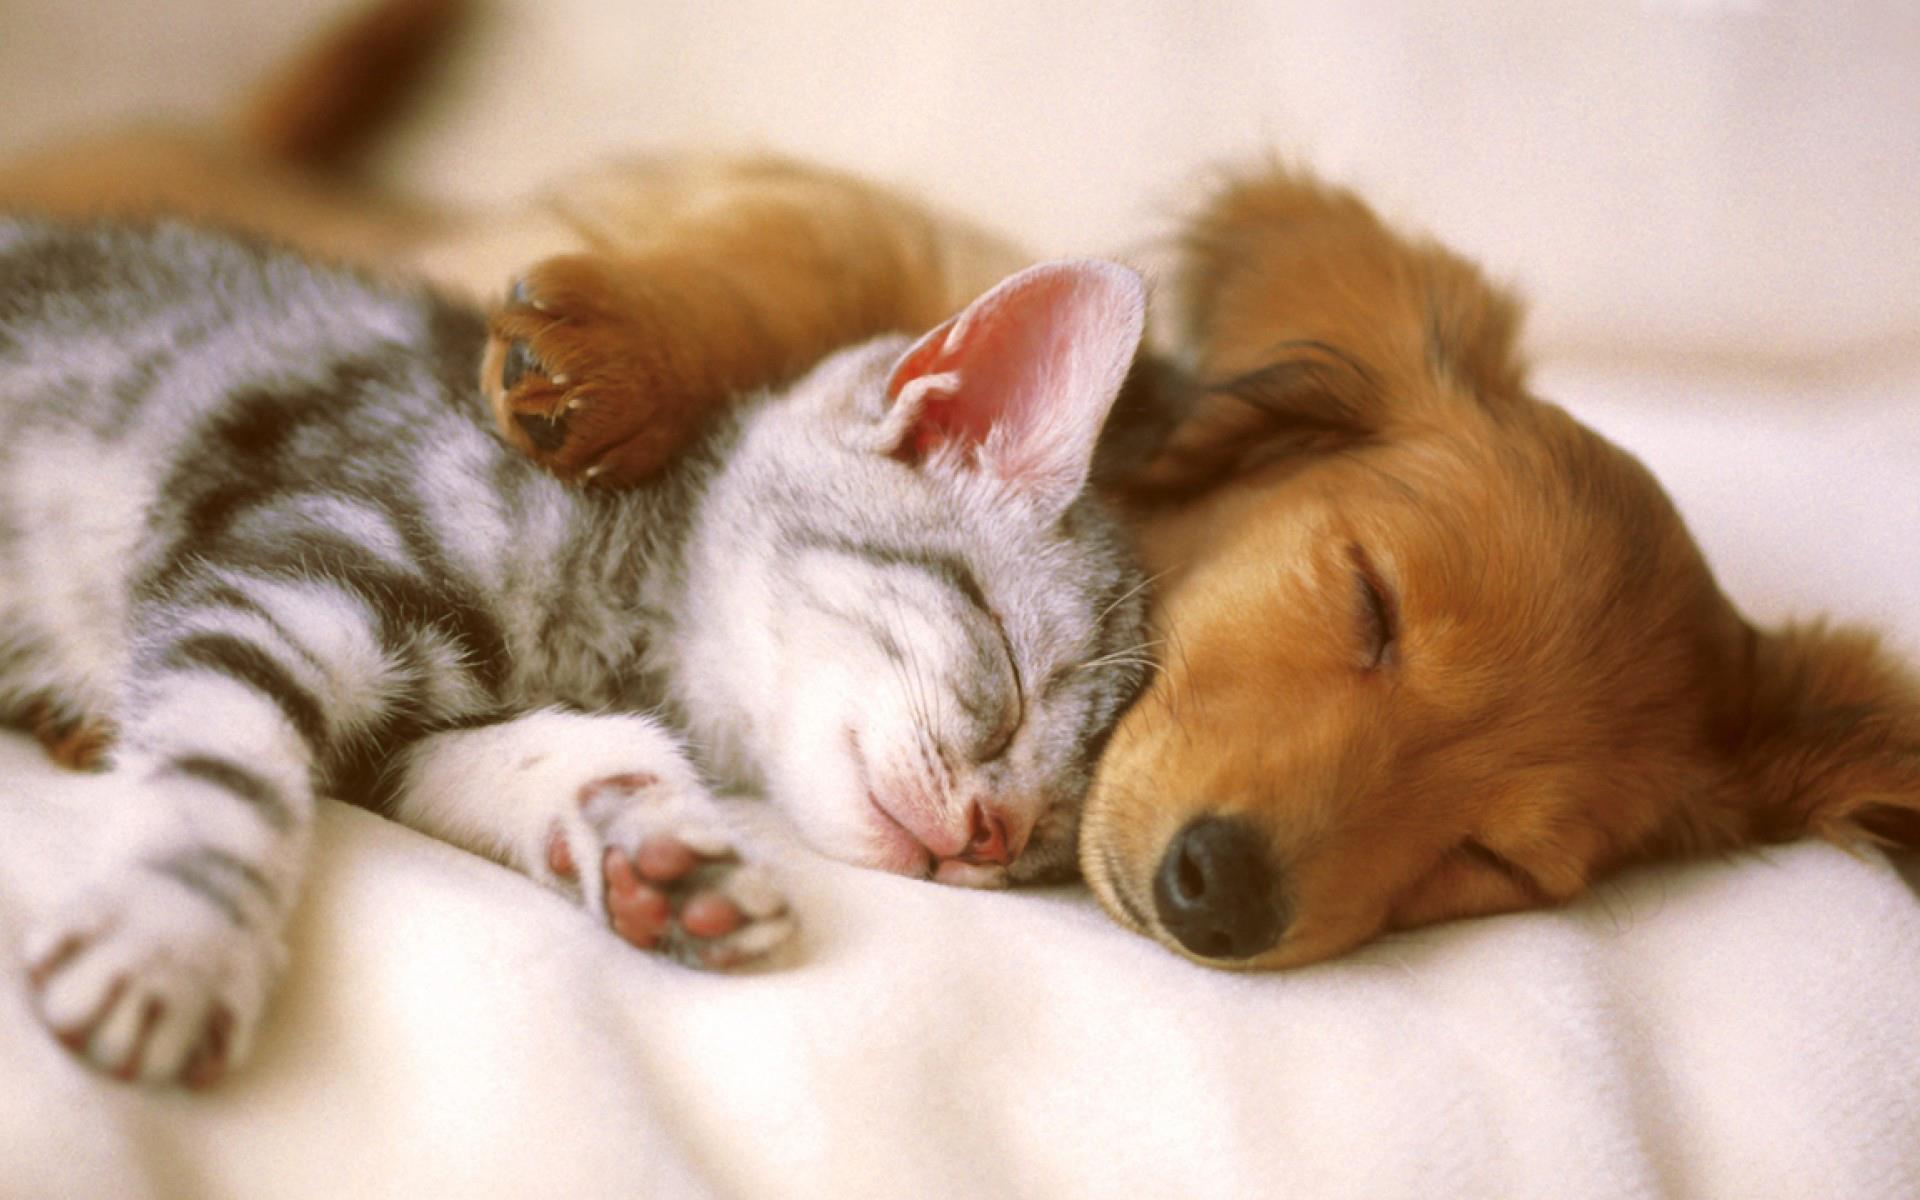 chat-et-chien_animaux-domestiques_grand_format-du-jour_07